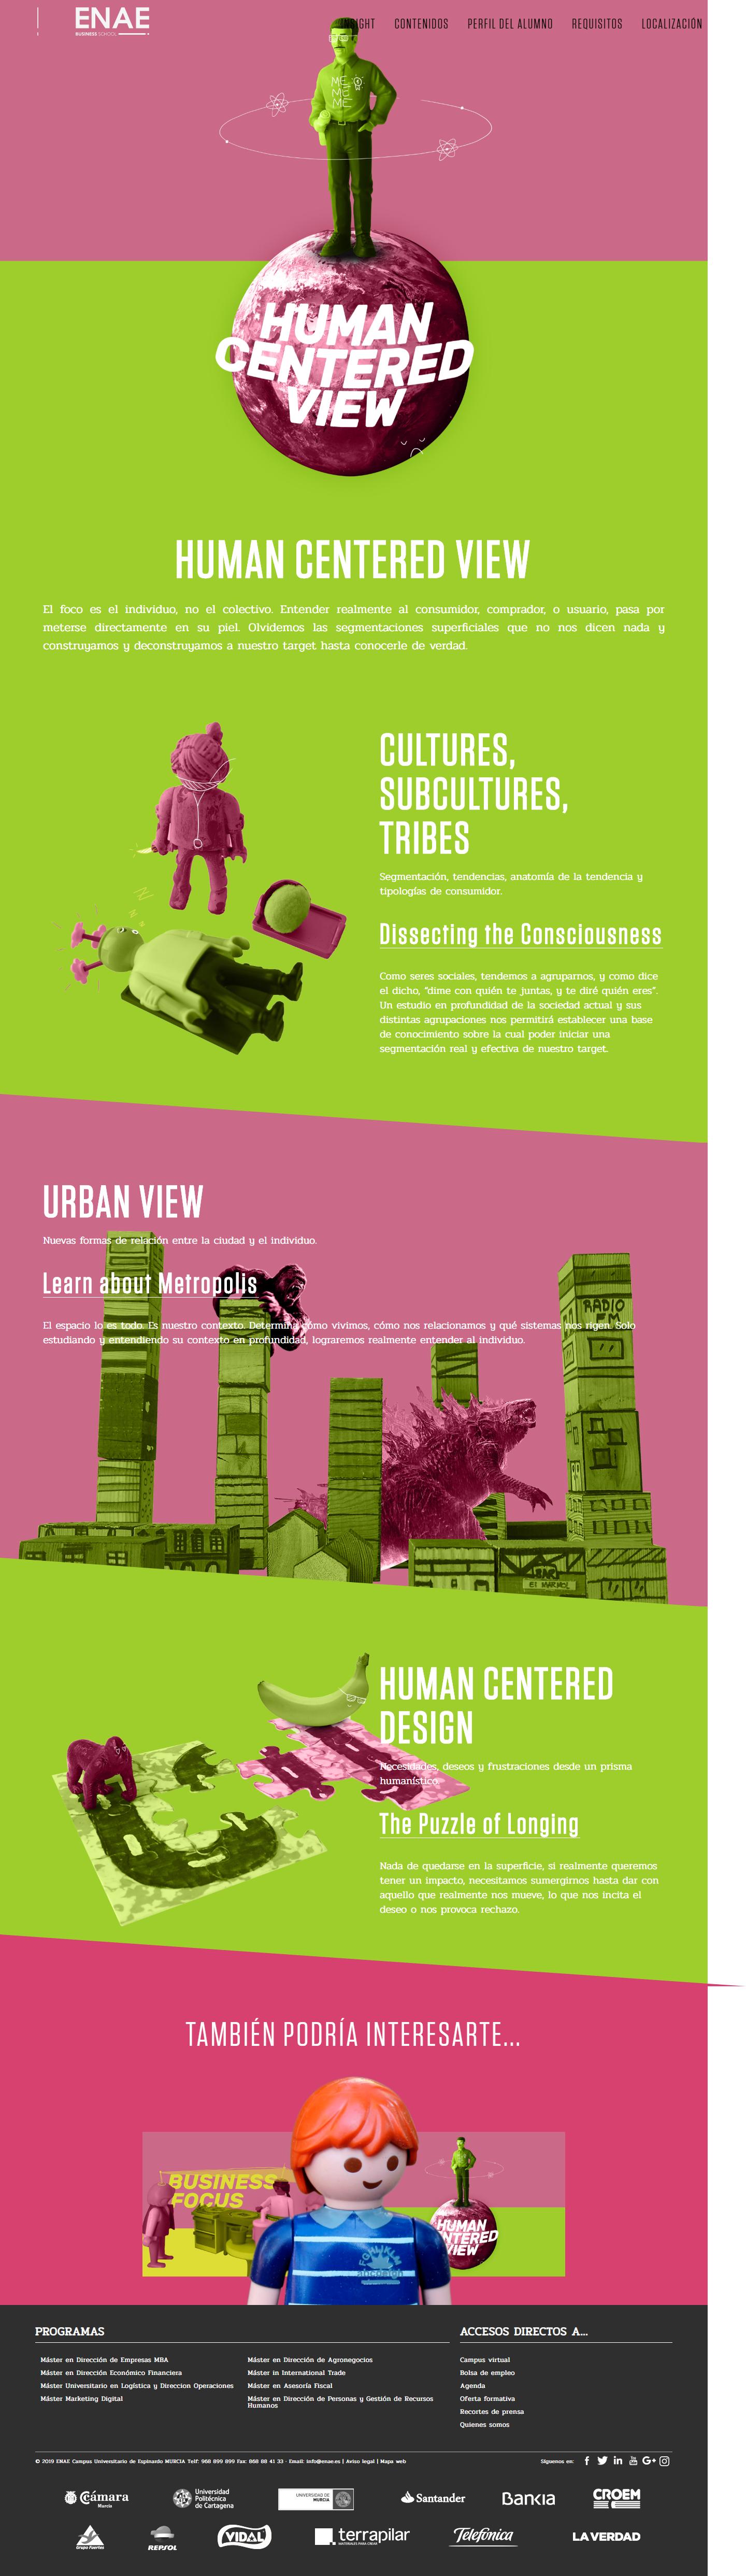 Agencia de Marketing digital en Murcia, Madrid y Panamá City | Nómadas Comunicación Creativa